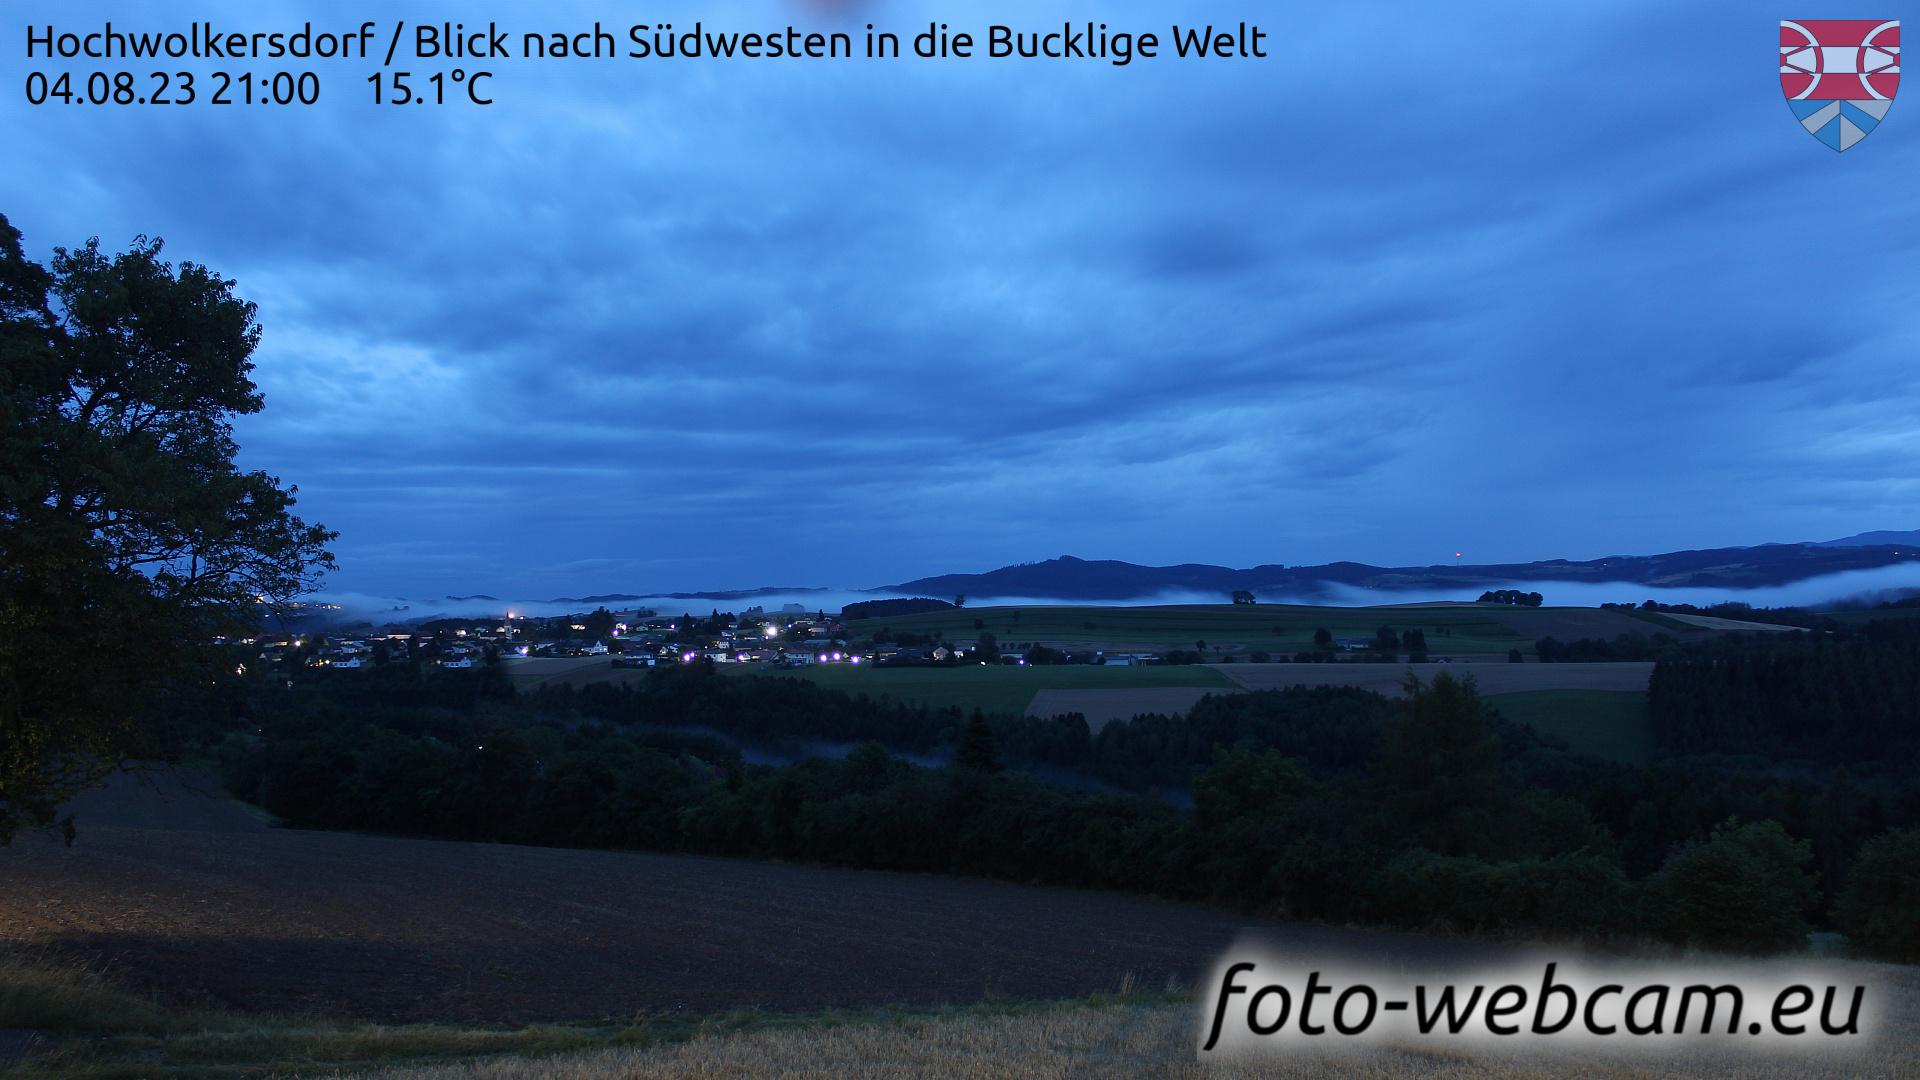 Hochwolkersdorf Tue. 21:09